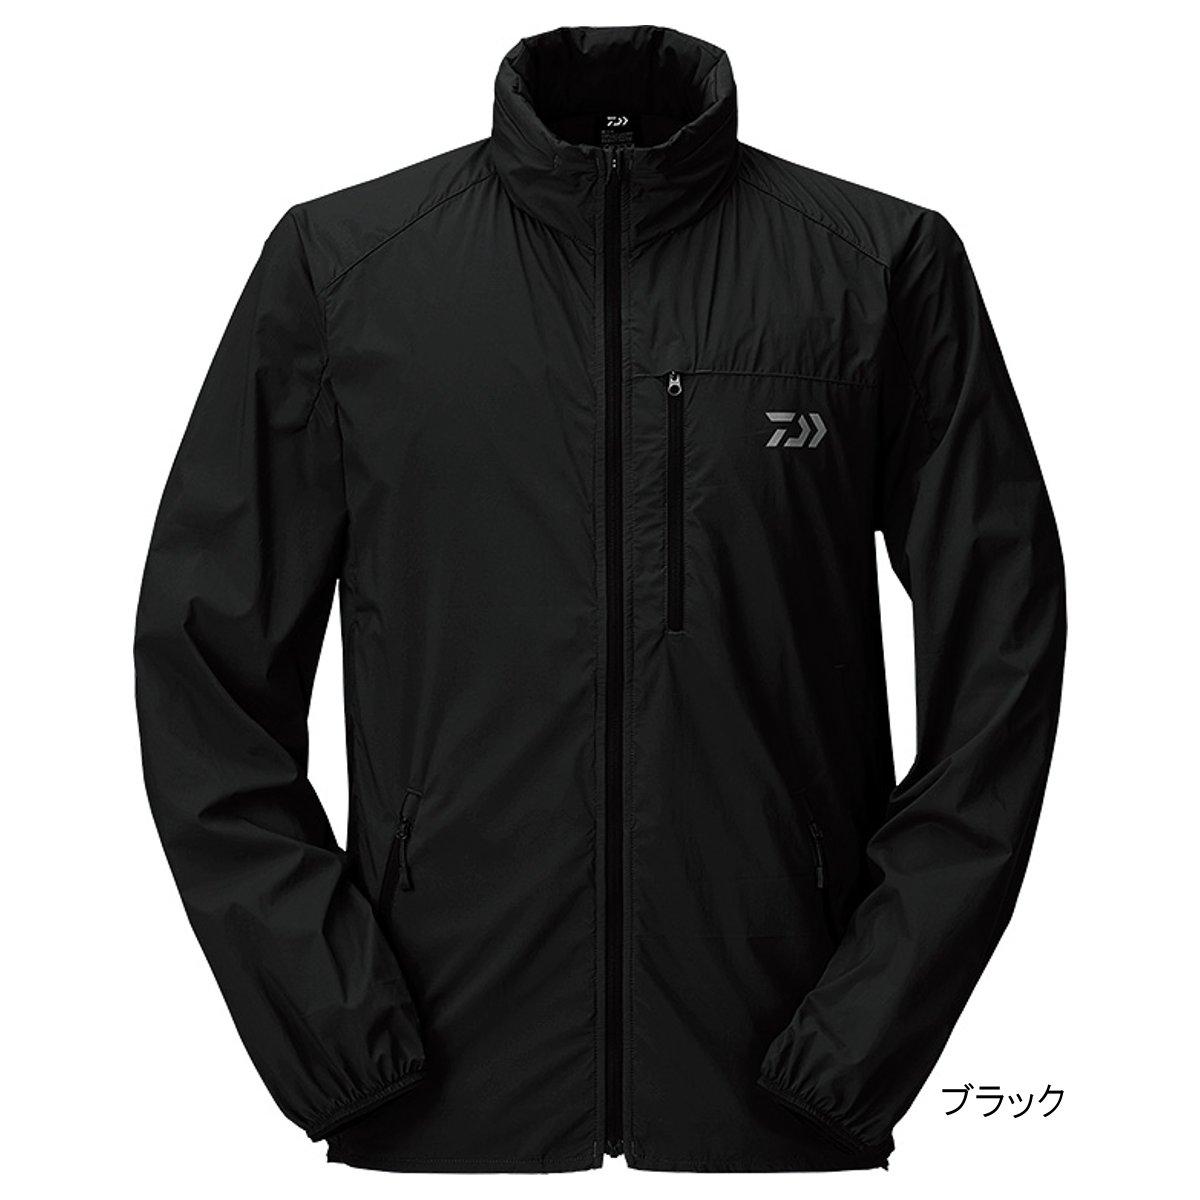 ダイワ ポケッタブルウィンドジャケット DJ-33009 L ブラック